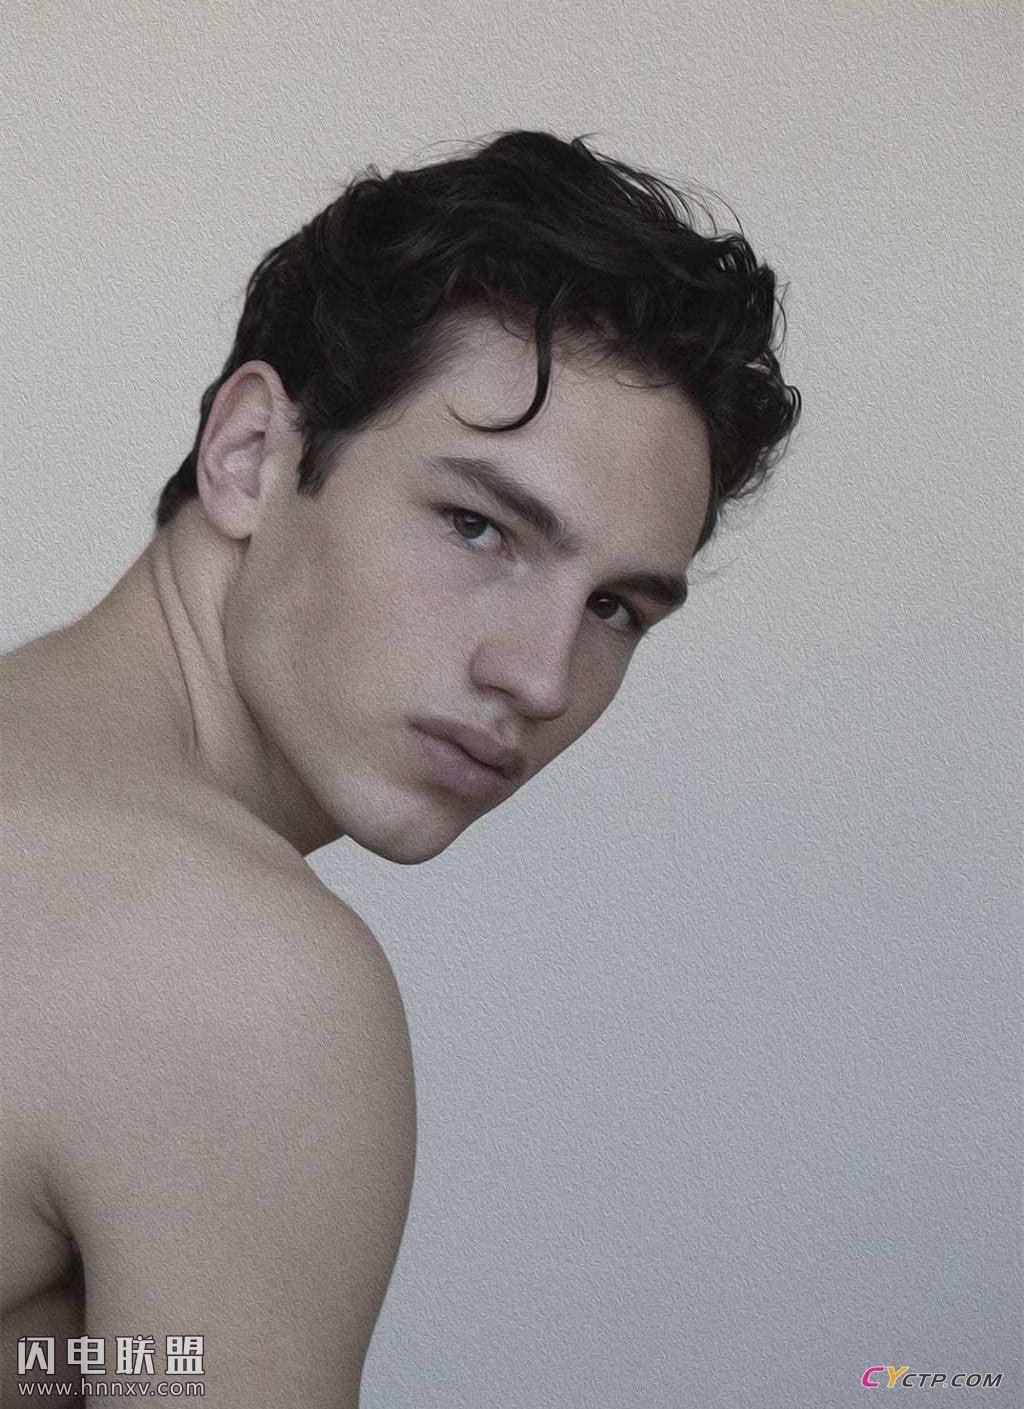 欧美鲜肉男神裸体图片